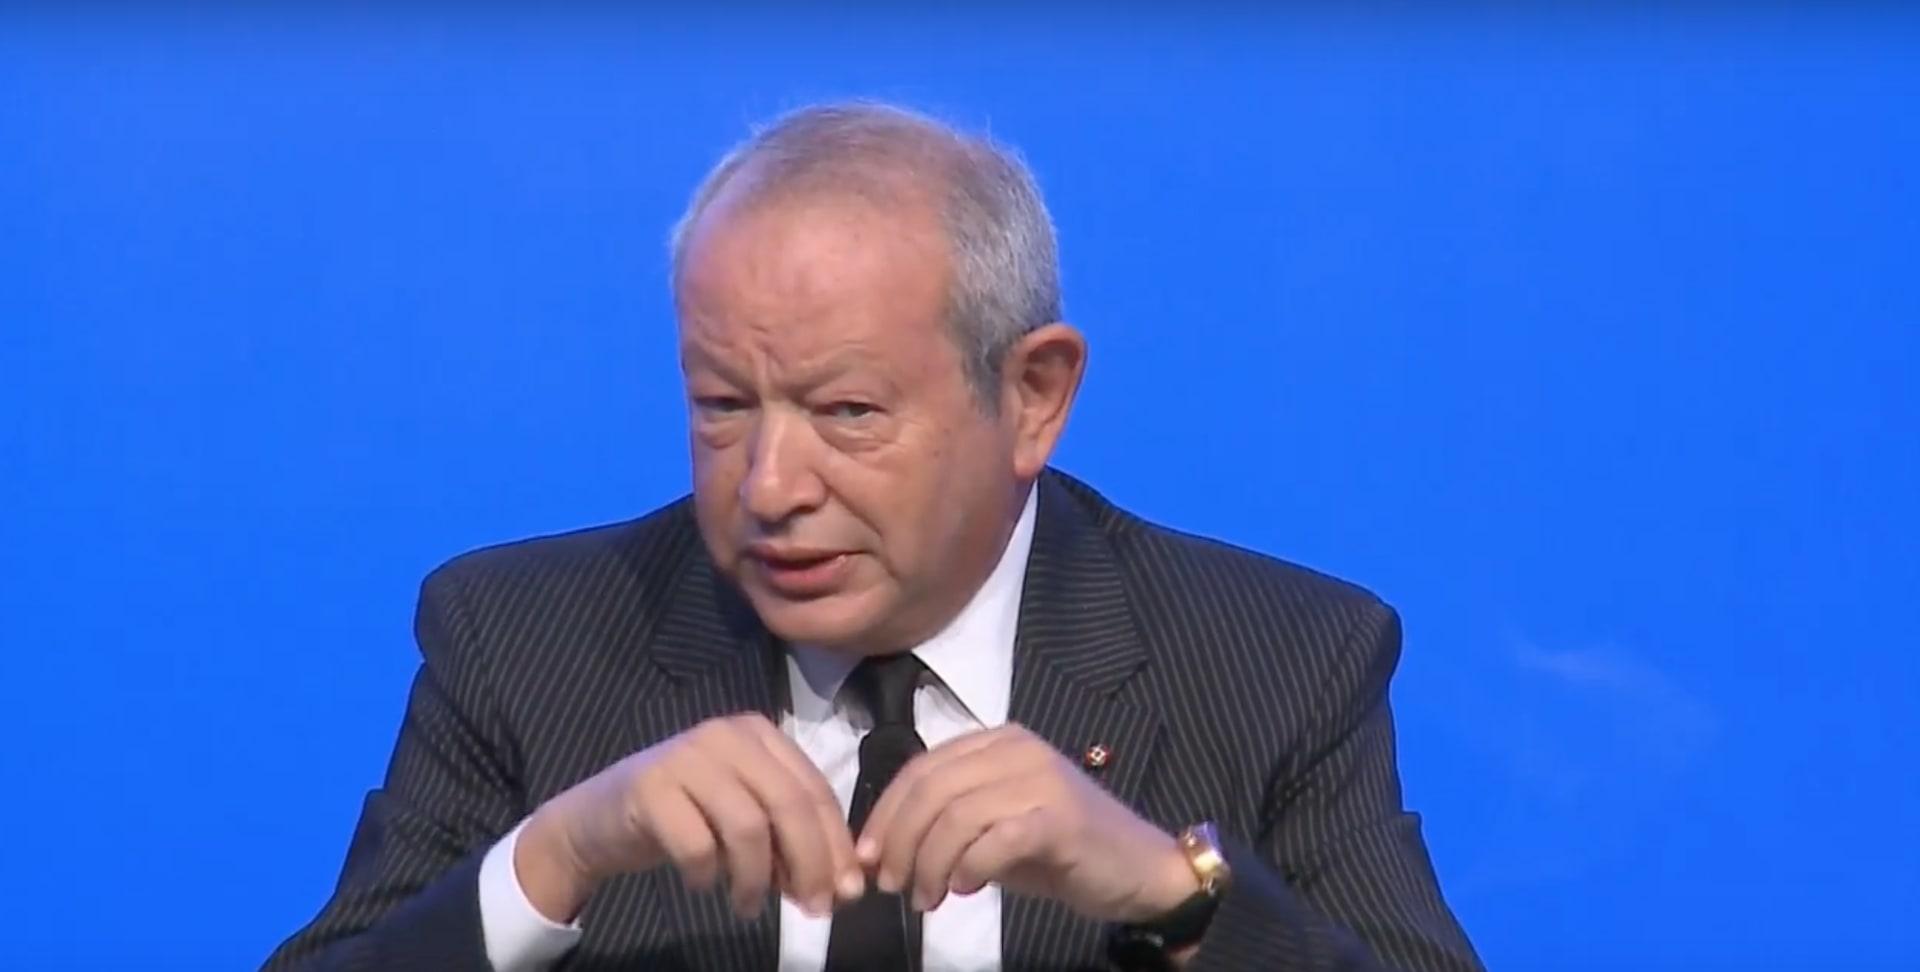 نجيب ساويرس ينتقد حملة محمد بن سلمان على الفساد: أين أدلة تورط الفاسدين؟